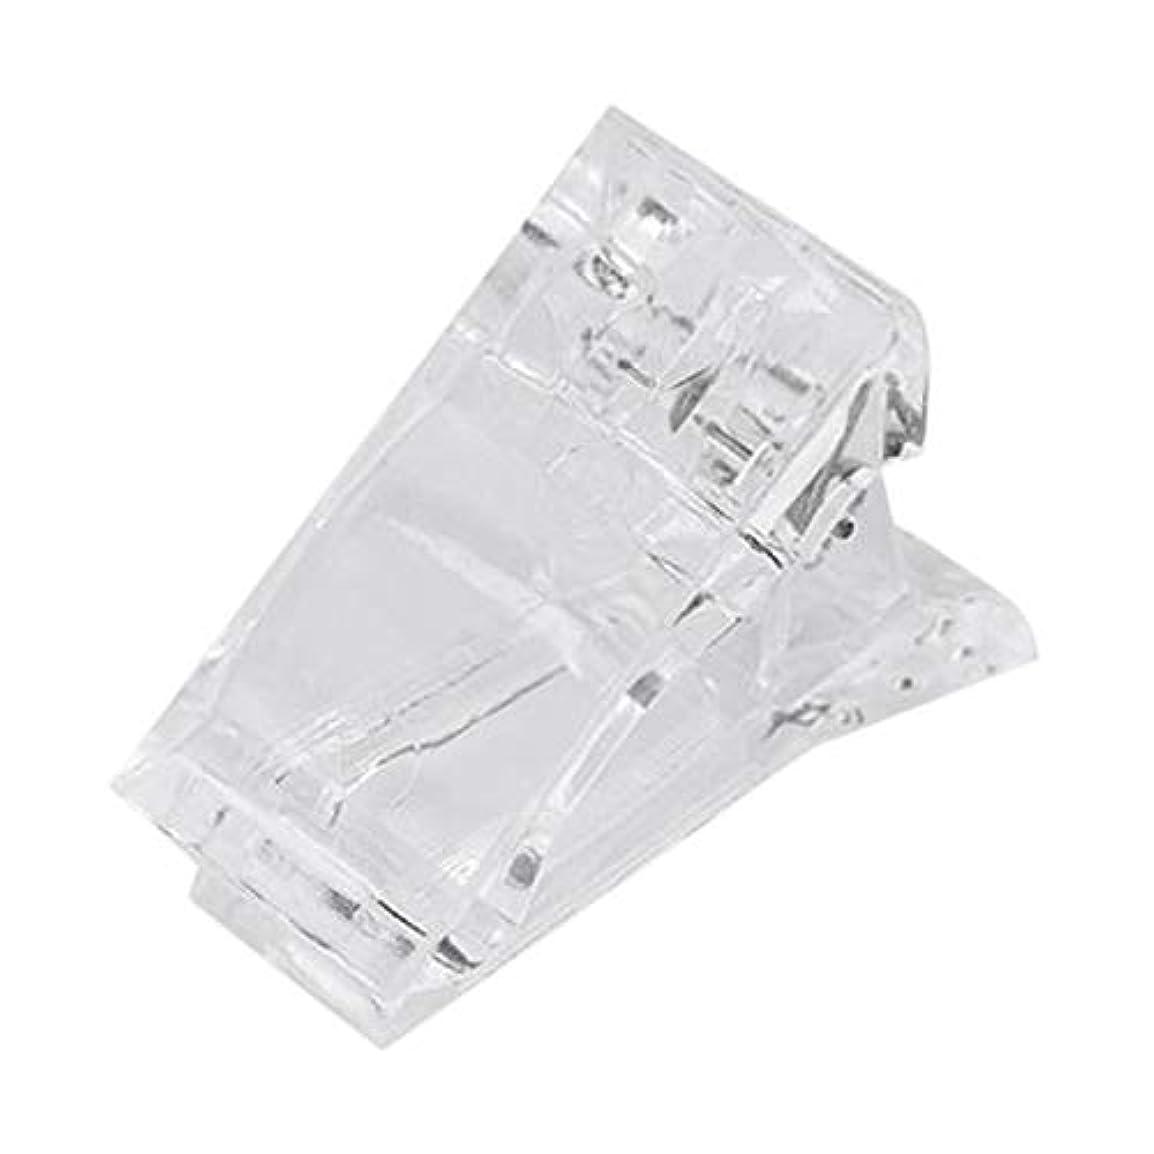 顔料弓戸惑うVaorwne ネイルのクリップ 透明指ポリクイック ビルディングジェルエクステンション ネイルアート マニキュアツール アクセサリー 偽ネイル